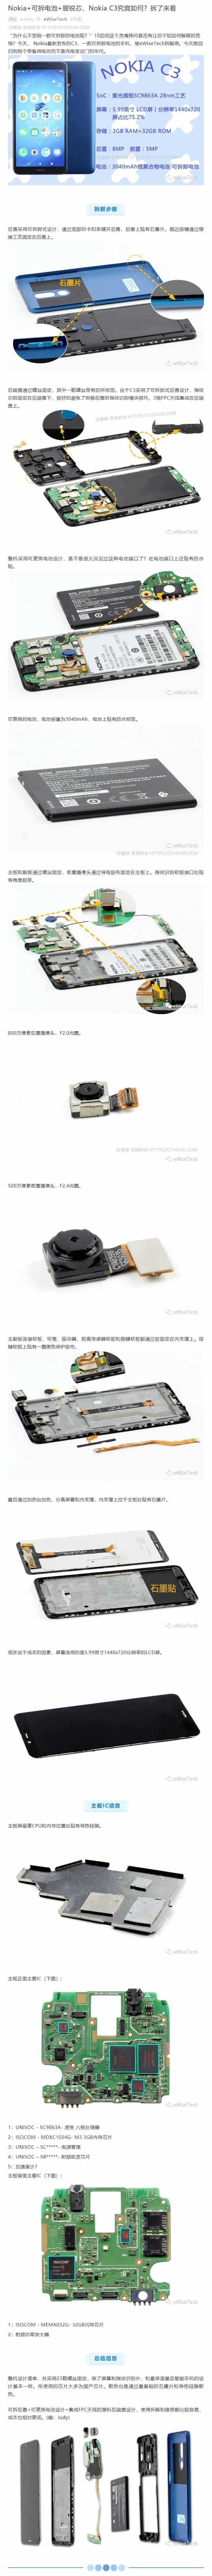 老人机老年机 诺基亚 NOKIA C3 双卡双待 移动联通电信三网4G智能手机 全面屏 大字体 大音量-沙唐桔